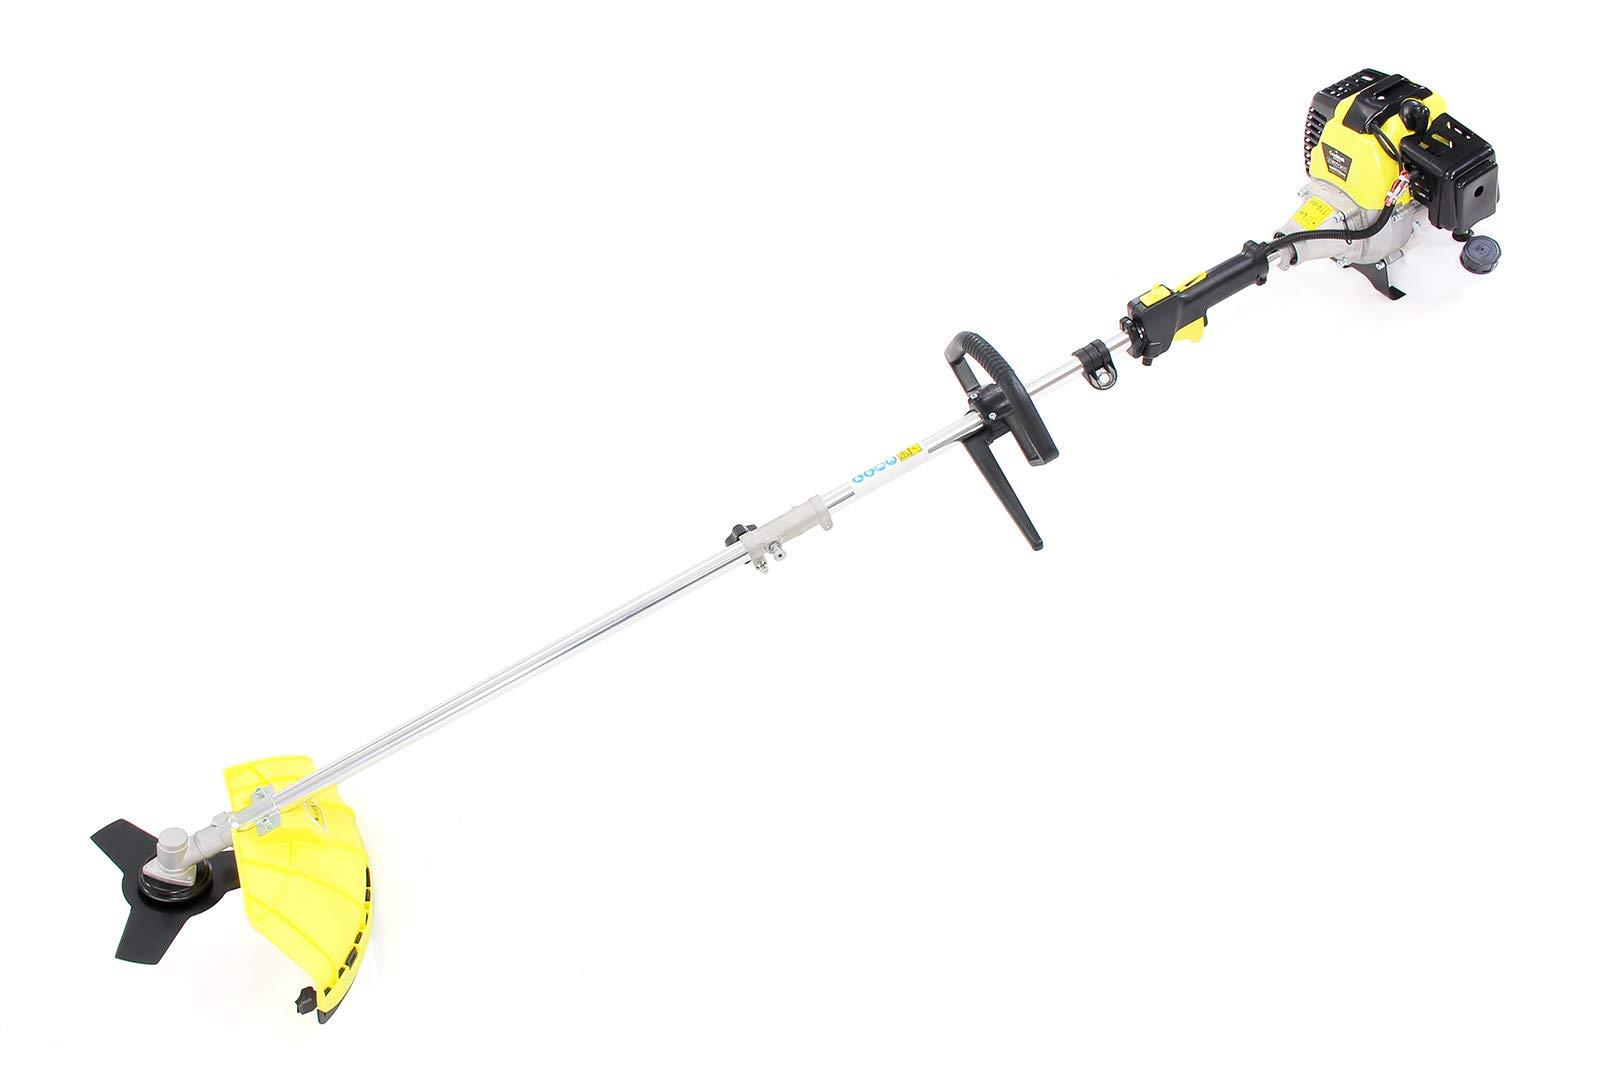 Craftfull-5in1-Multifunktionsgert-Rasentrimmer-Freischneider-Kettensge-Heckenschneider-Verlngerung-Tragegurt-Benzin-Motor